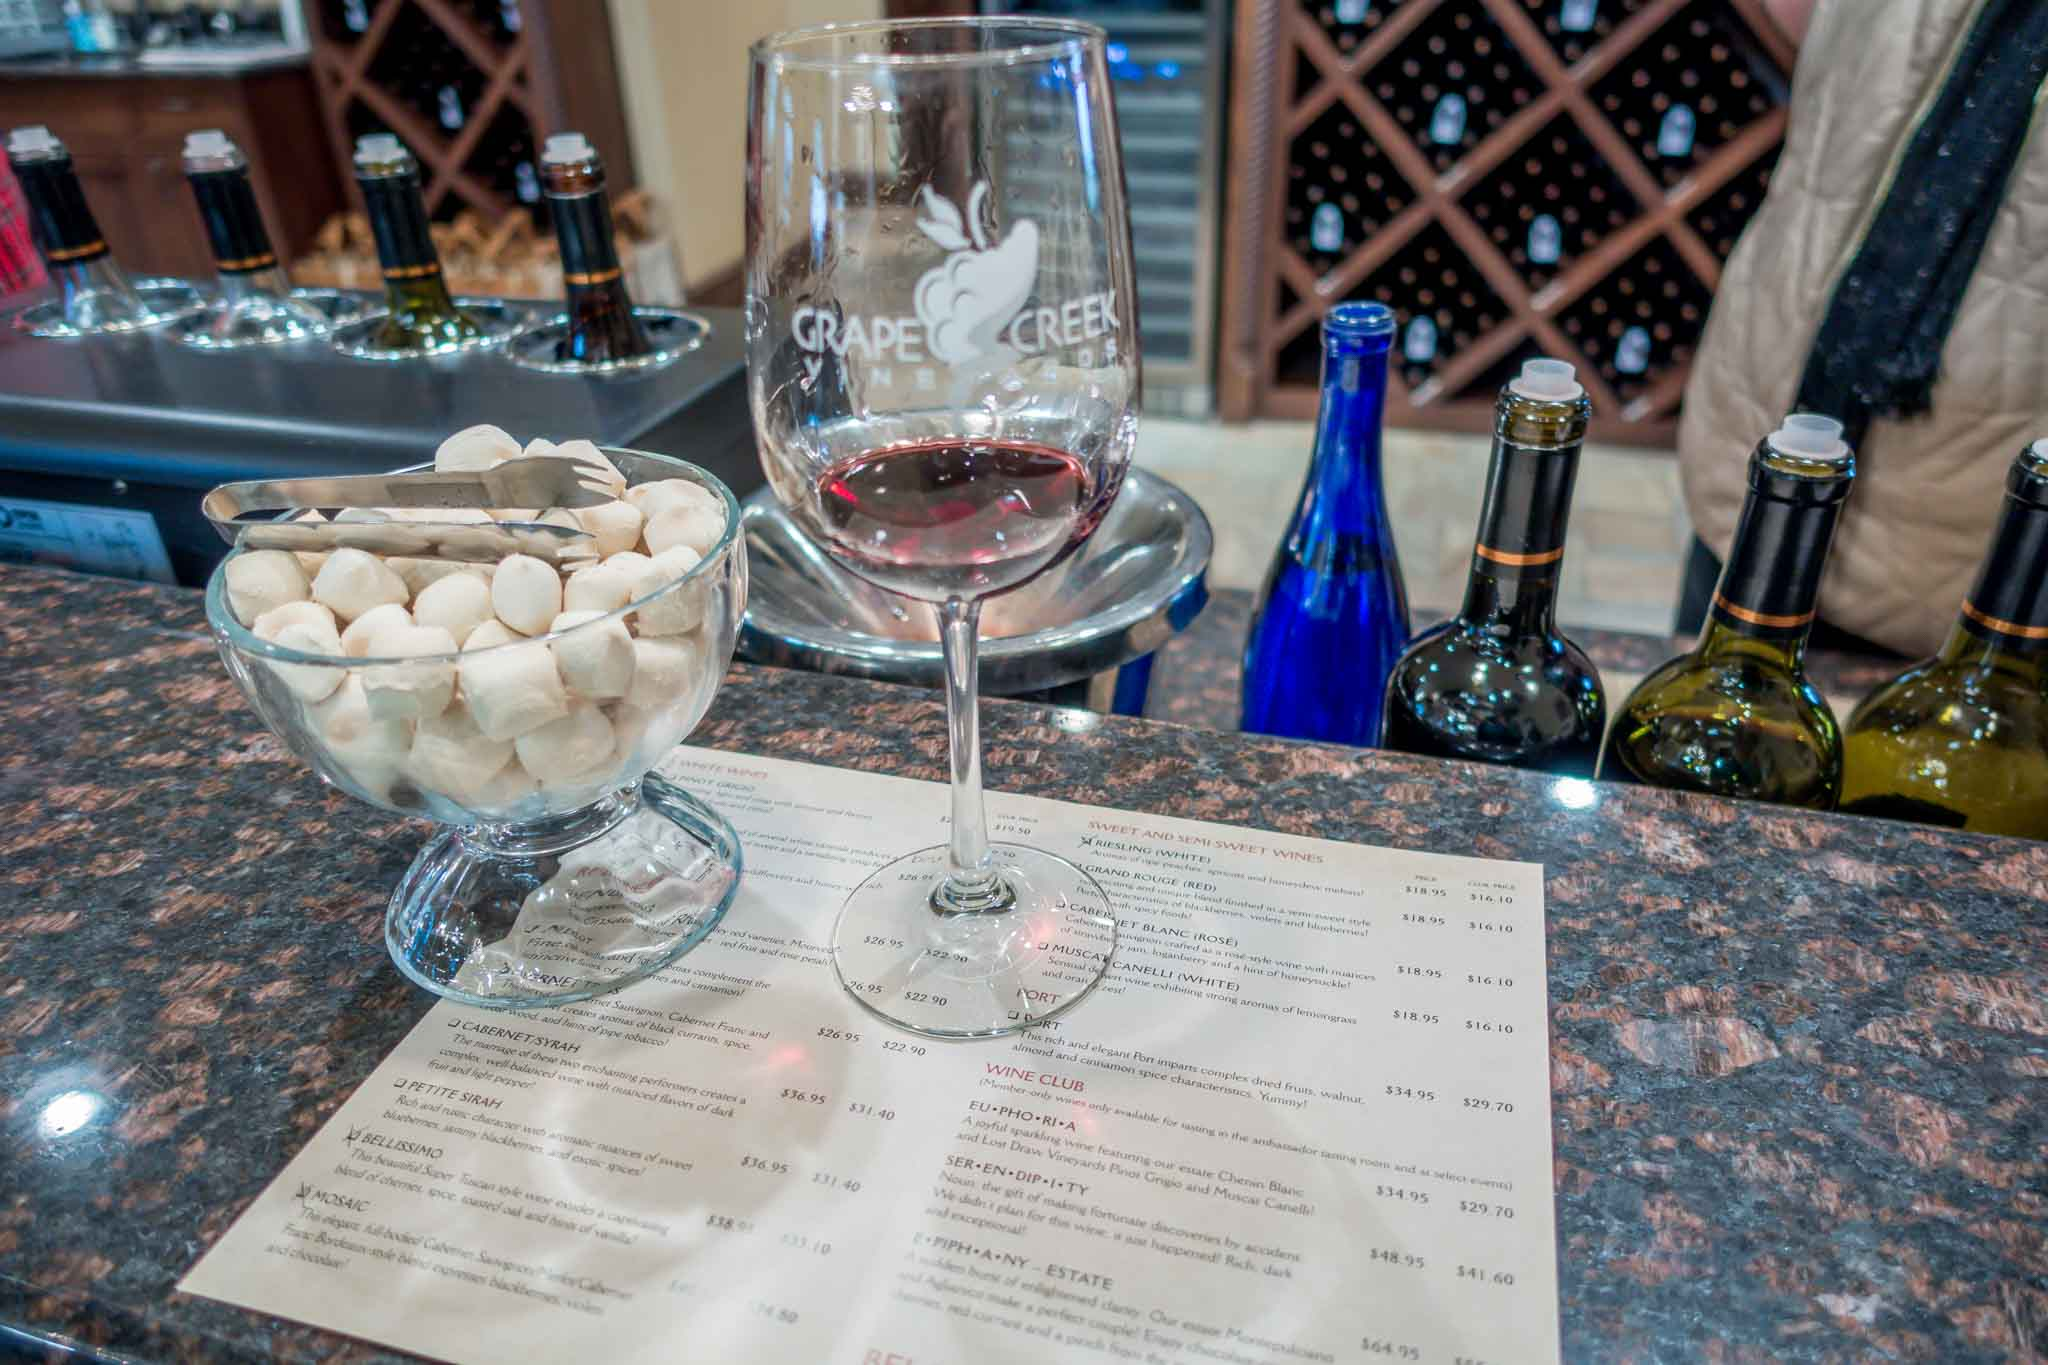 Wine glass and tasting menu at Grape Creek Vineyards